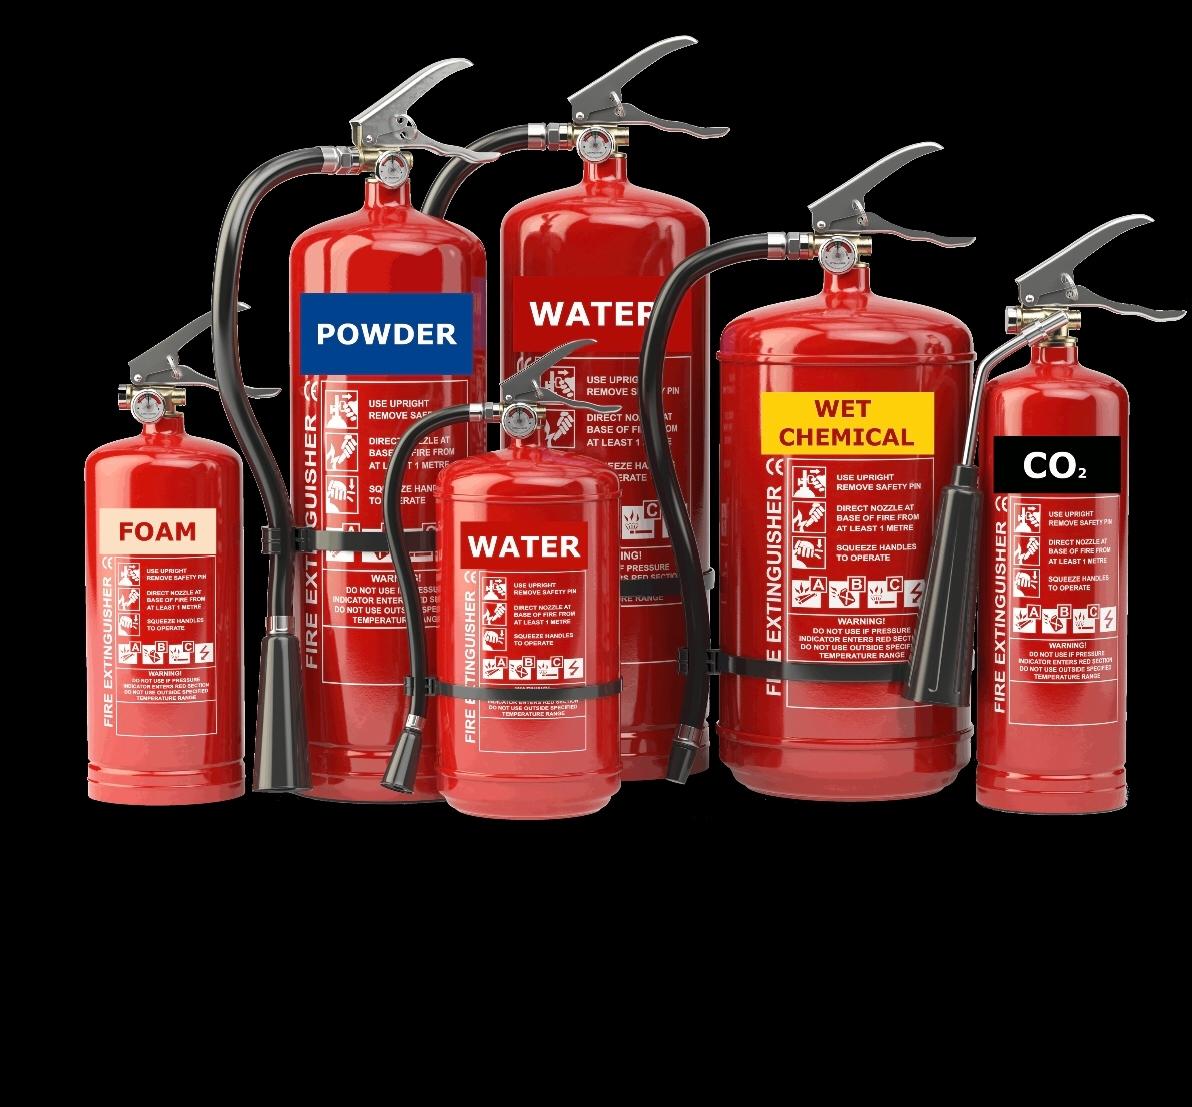 Firestone Fire & Safety Equipment Installa (@firestonefs) Cover Image